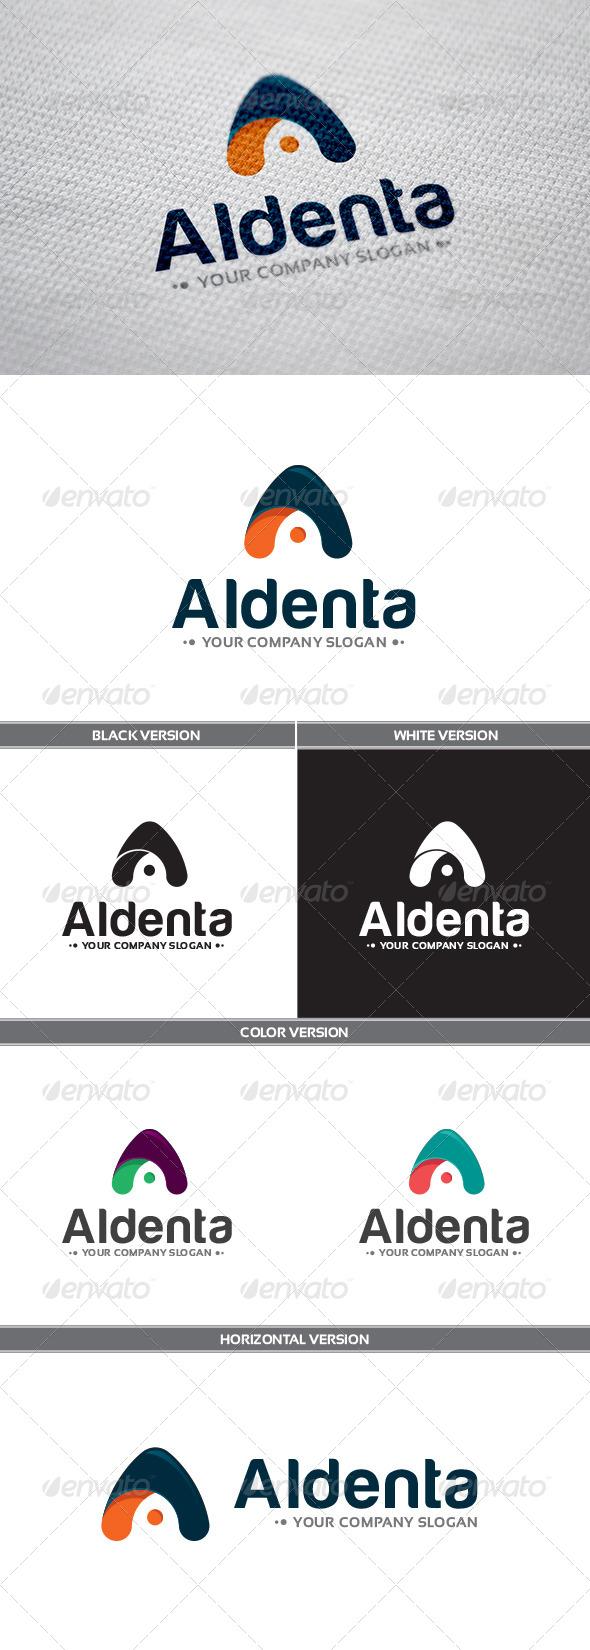 GraphicRiver Aldenta Logo 8216050